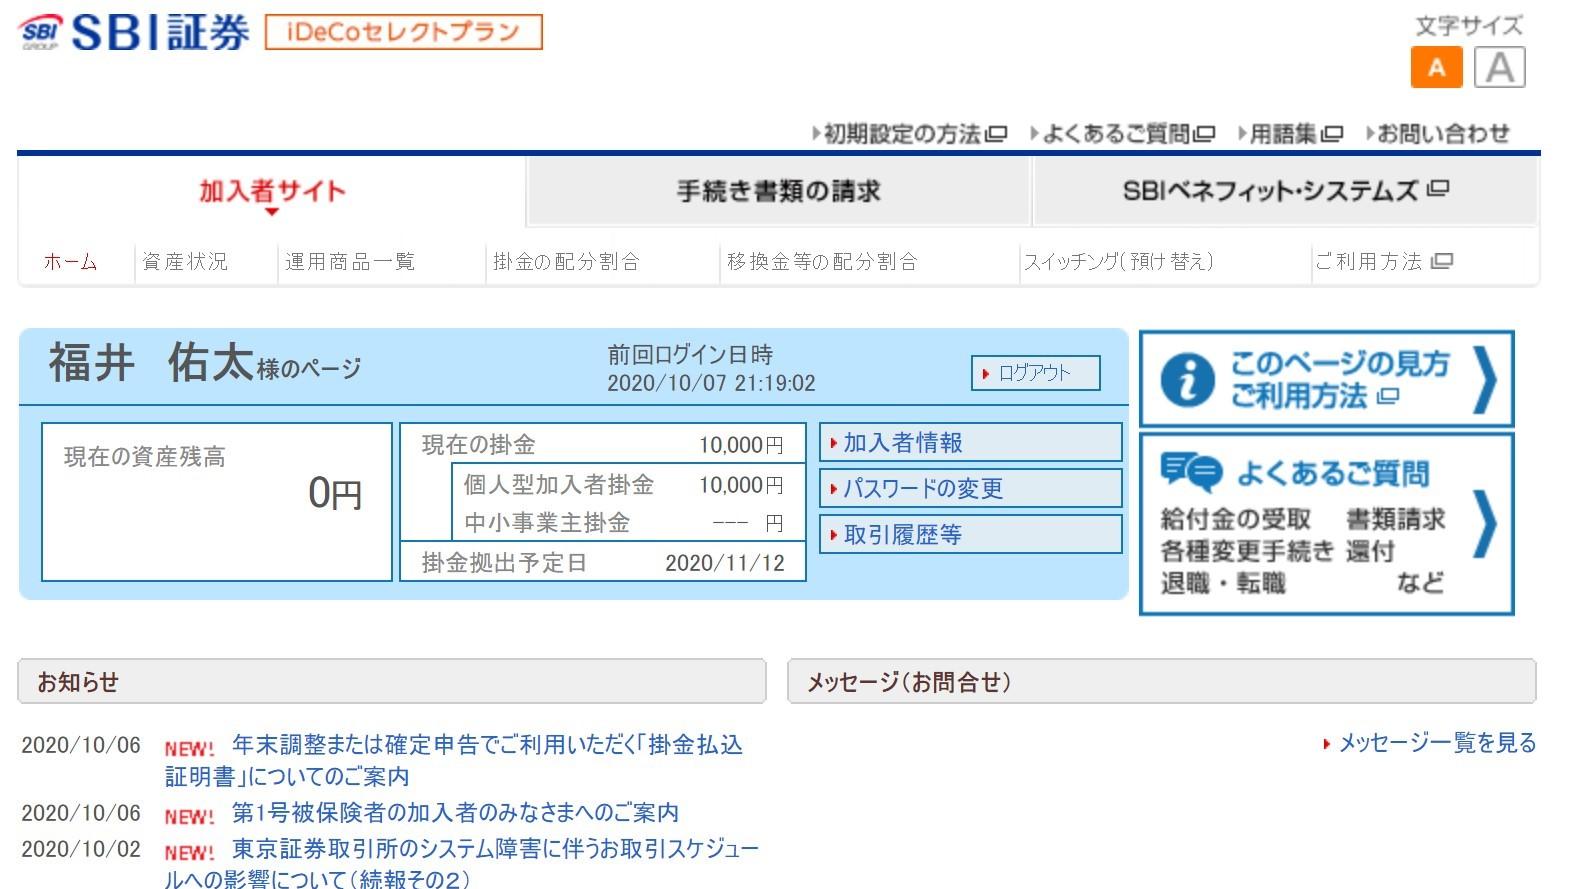 iDeCo加入者サイト